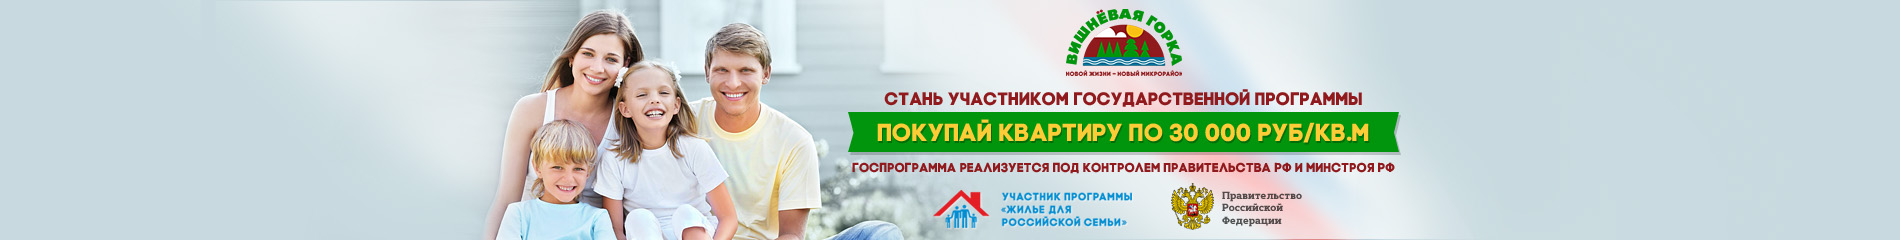 http://xn--174-2ddak2ayk9h.xn--p1ai/project/vishnevaya-gorka/kak-stat-uchastnikom-programmy-zhile-dlya-rossiyskoy-semi